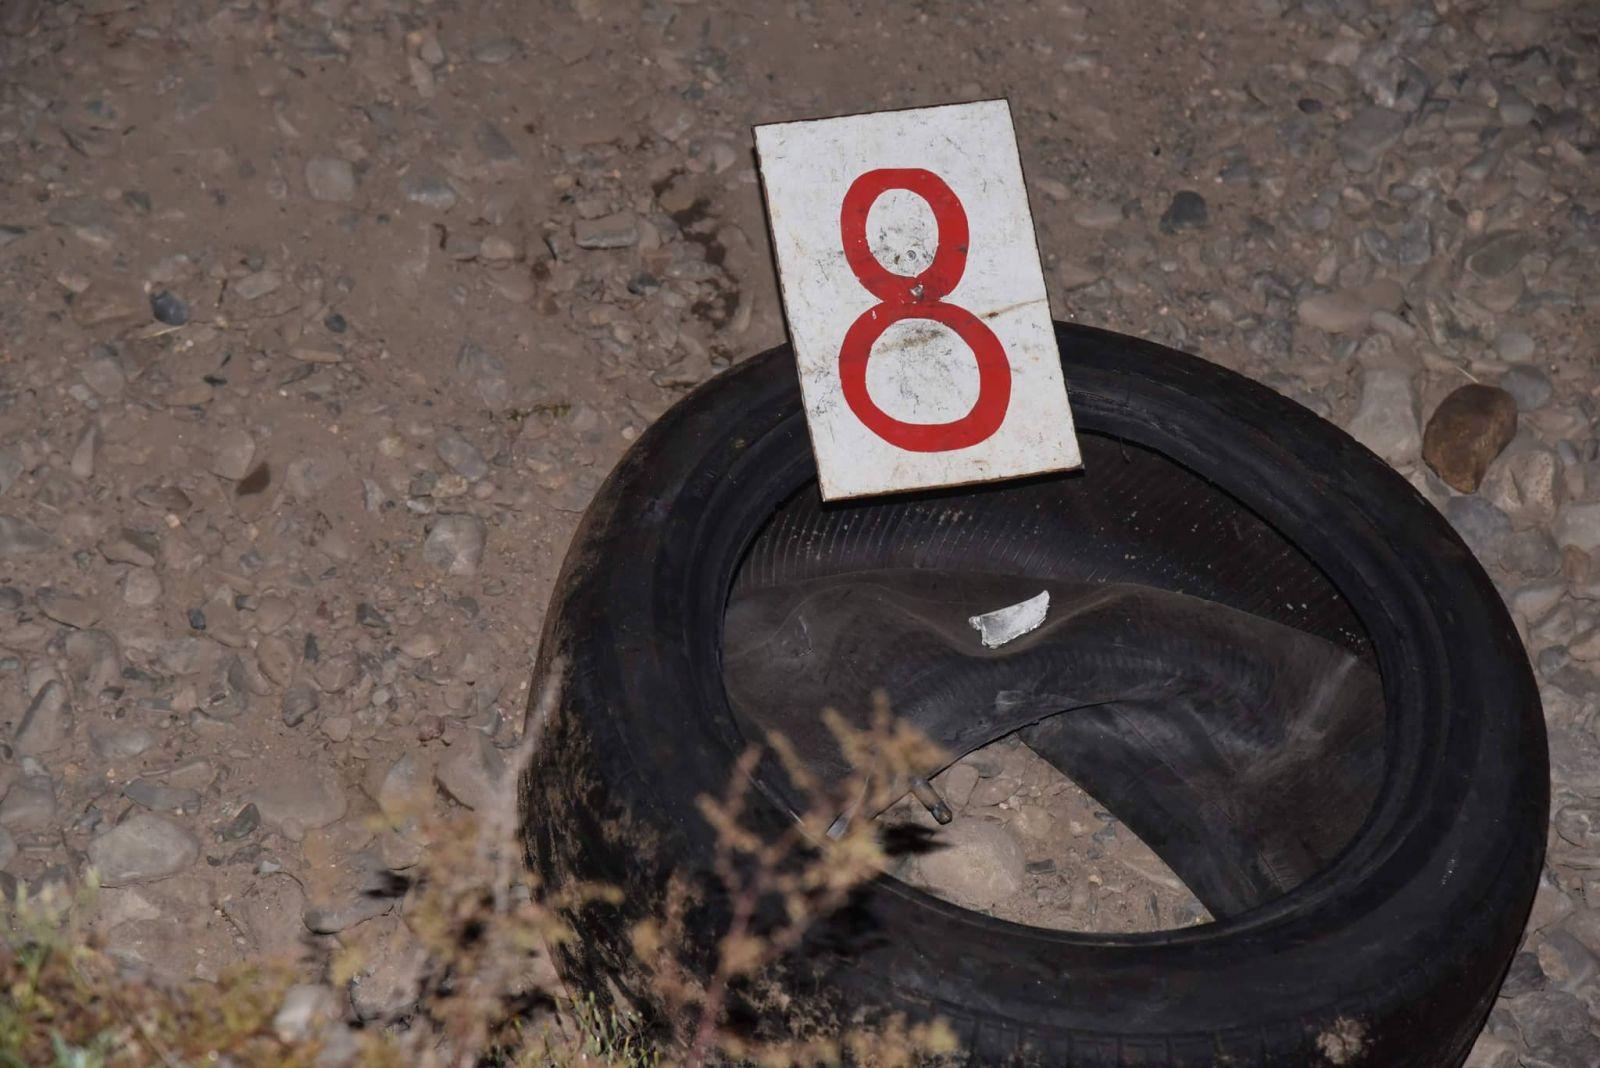 69221432_349690119269902_6702846947071361024_n Дрифт хийж байсан машин осолдож хоёр эмэгтэй, нэг эрэгтэй нас баржээ